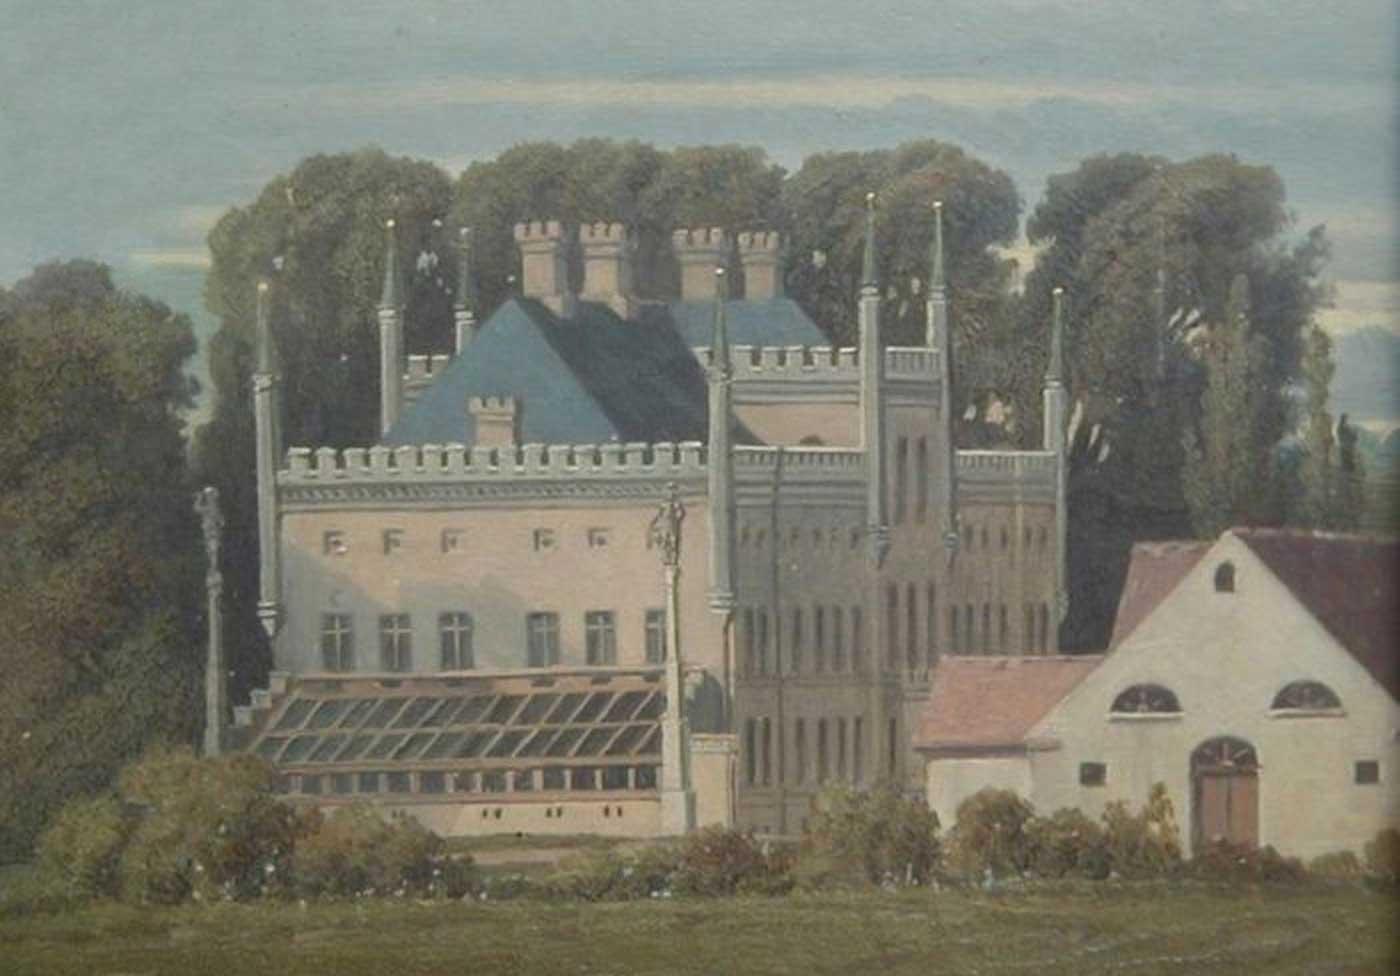 Abb. 4: Schloss Broock nach dem Stüler-Umbau, Gemälde (Ausschnitt), Theodor Schloepke, 1851